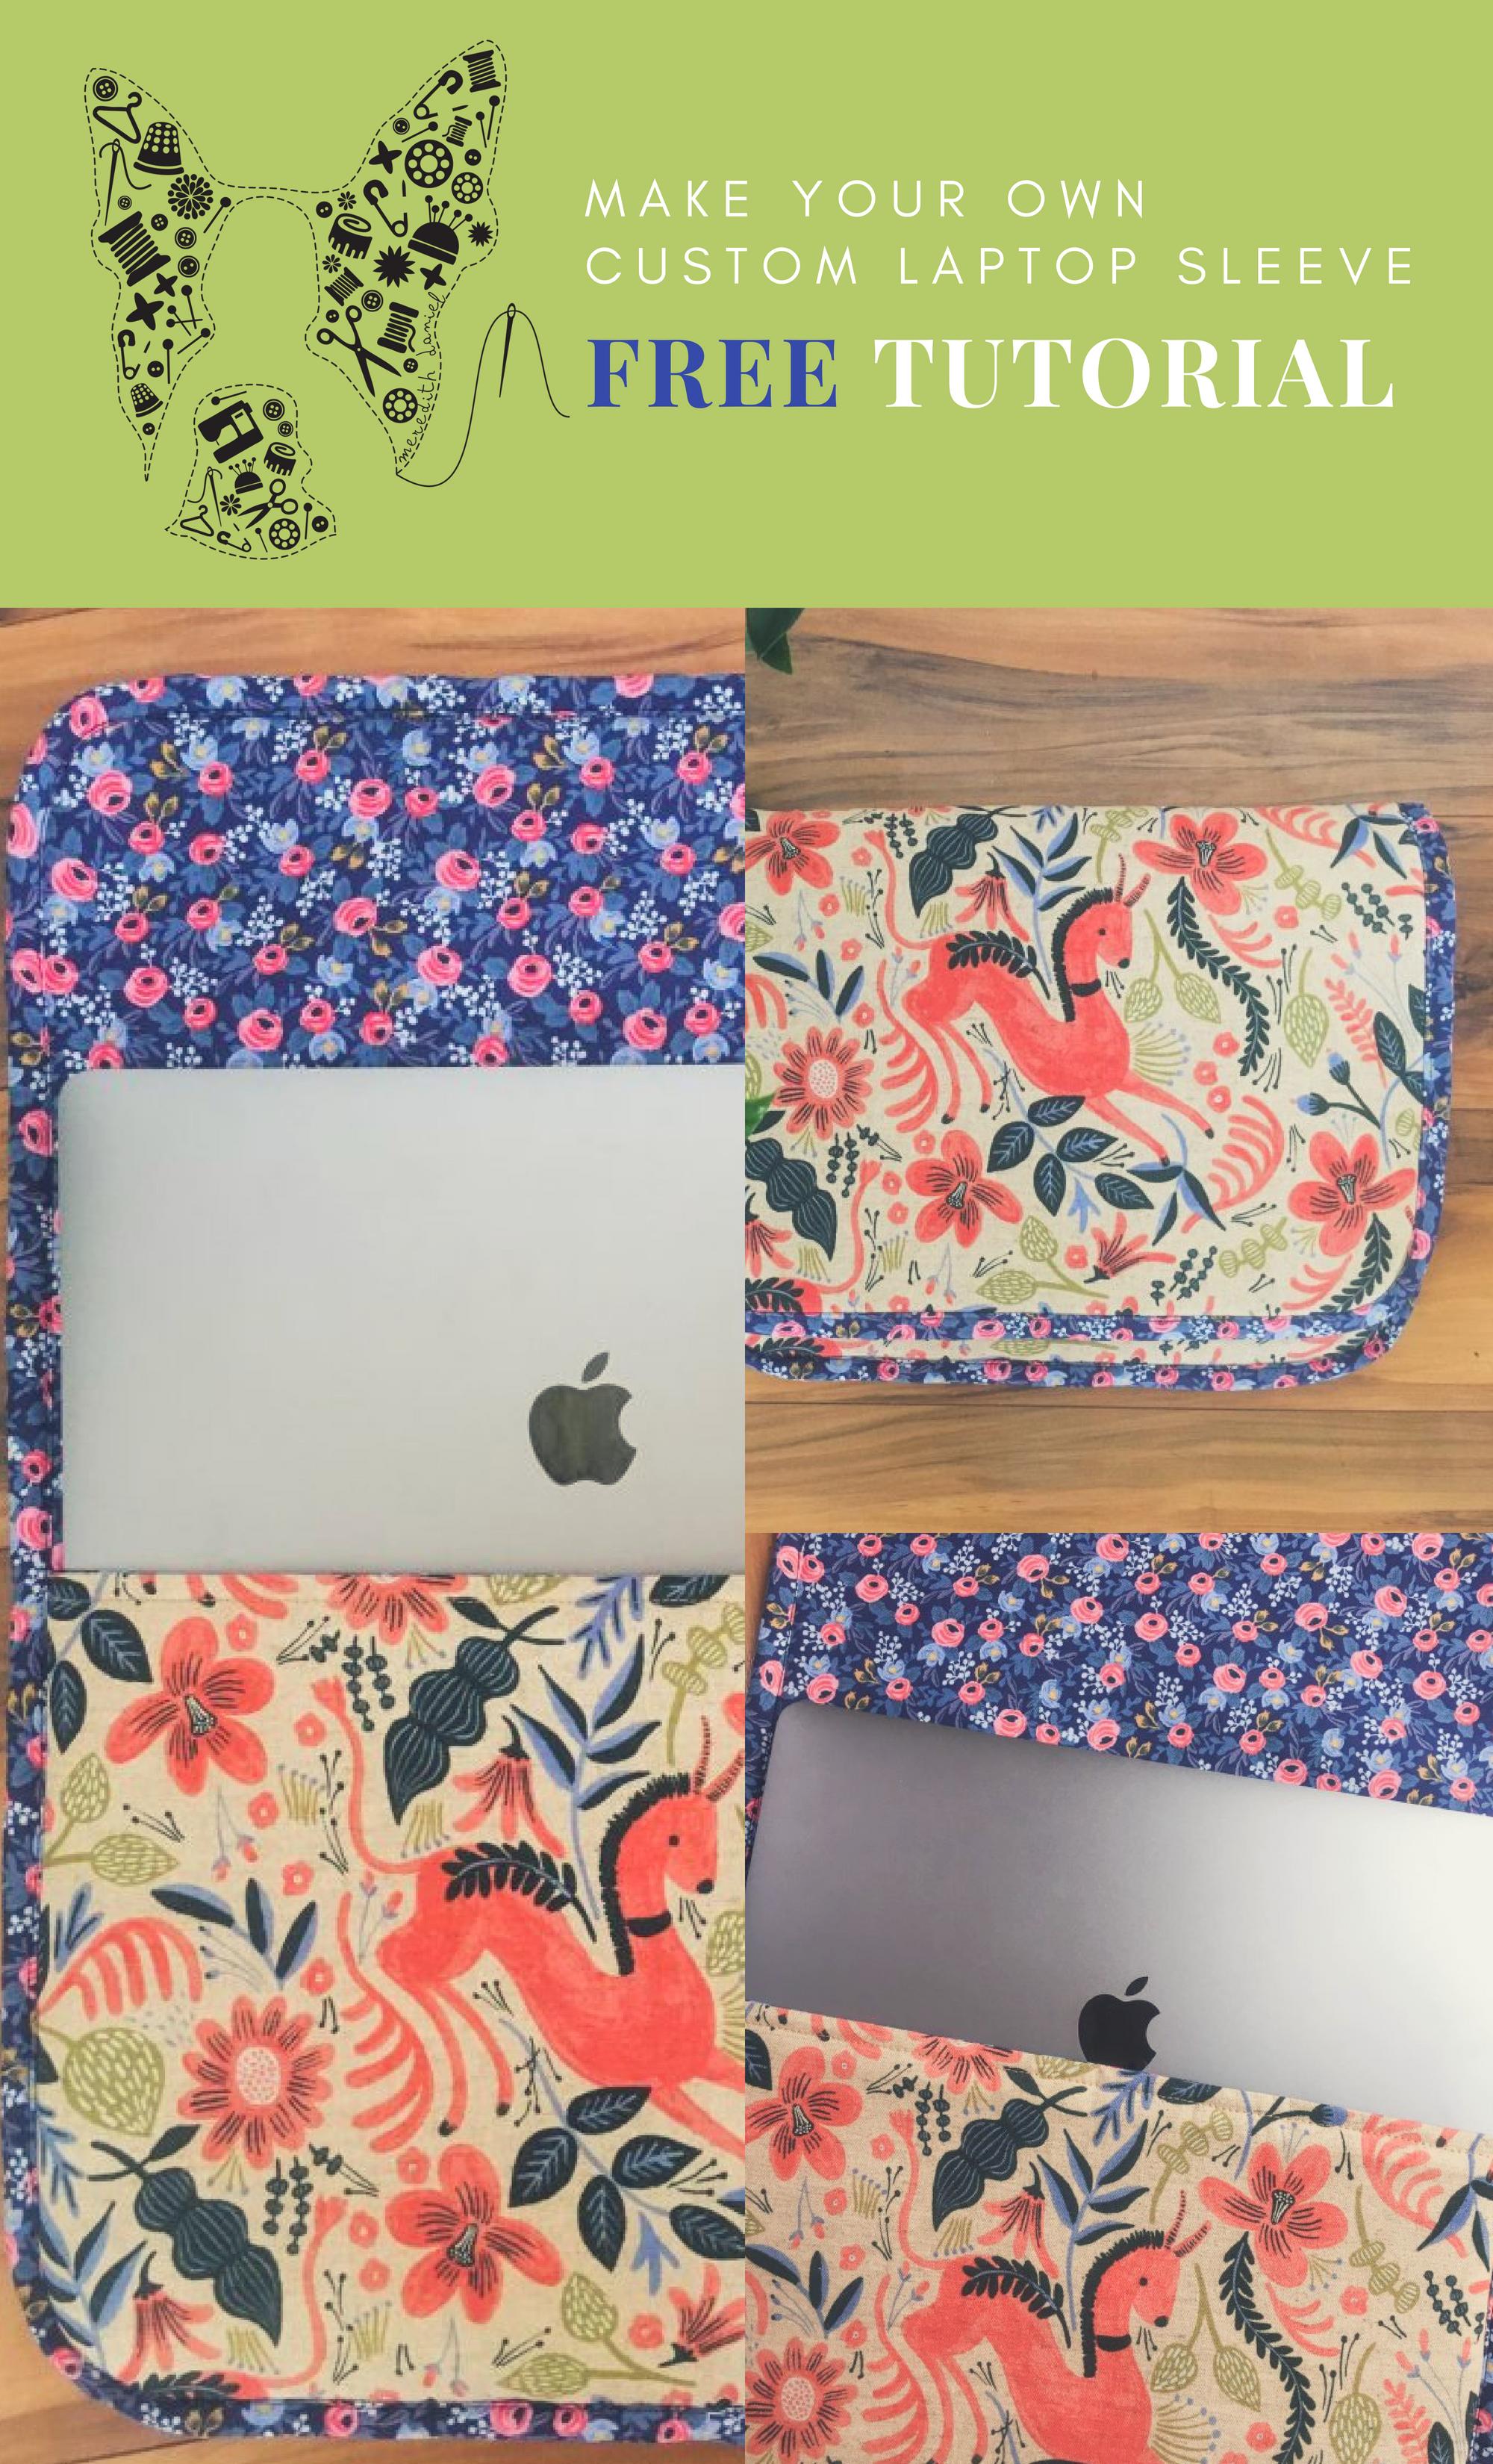 Free DIY custom laptop sleeve tutorial